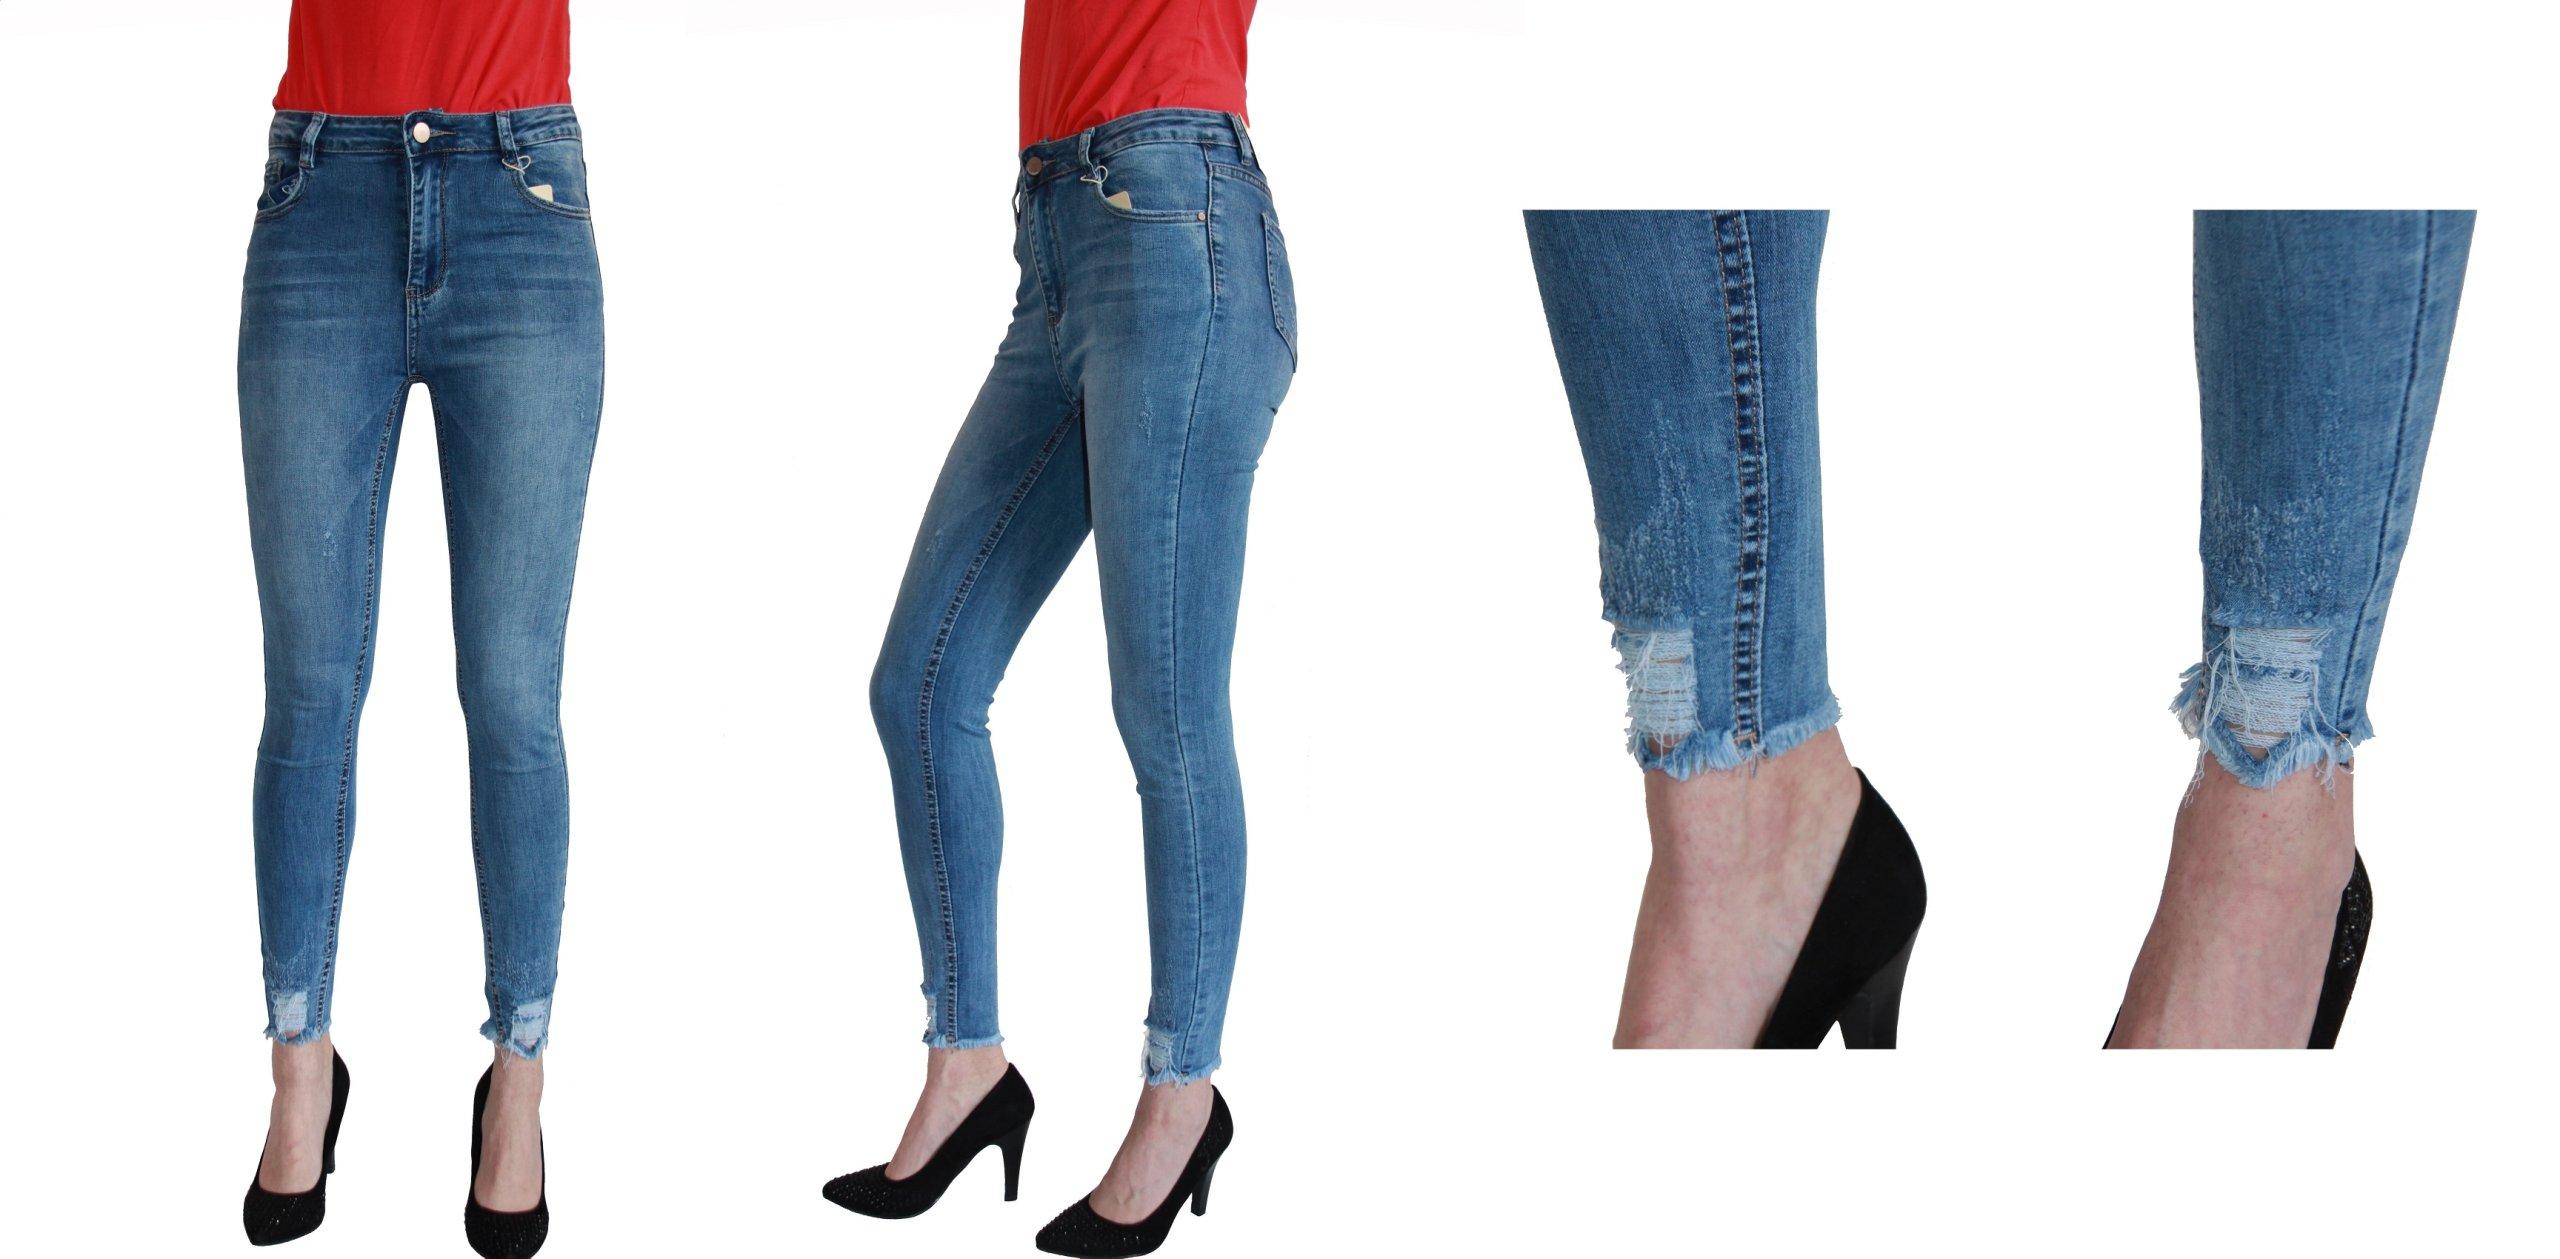 eeb3832ac112c0 Jeans spodnie b. wysoki stan rurki jasne (34-42)38 - 7262157340 ...